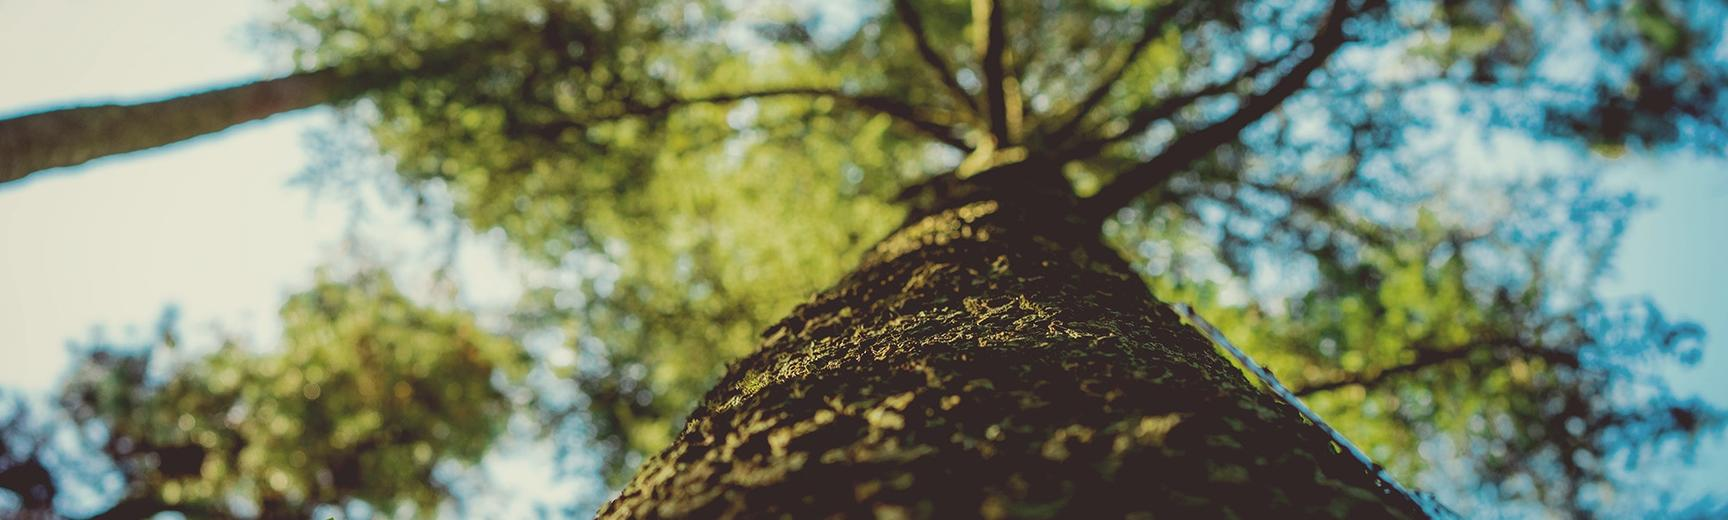 tree climbing - irene davila 45779 unsplash